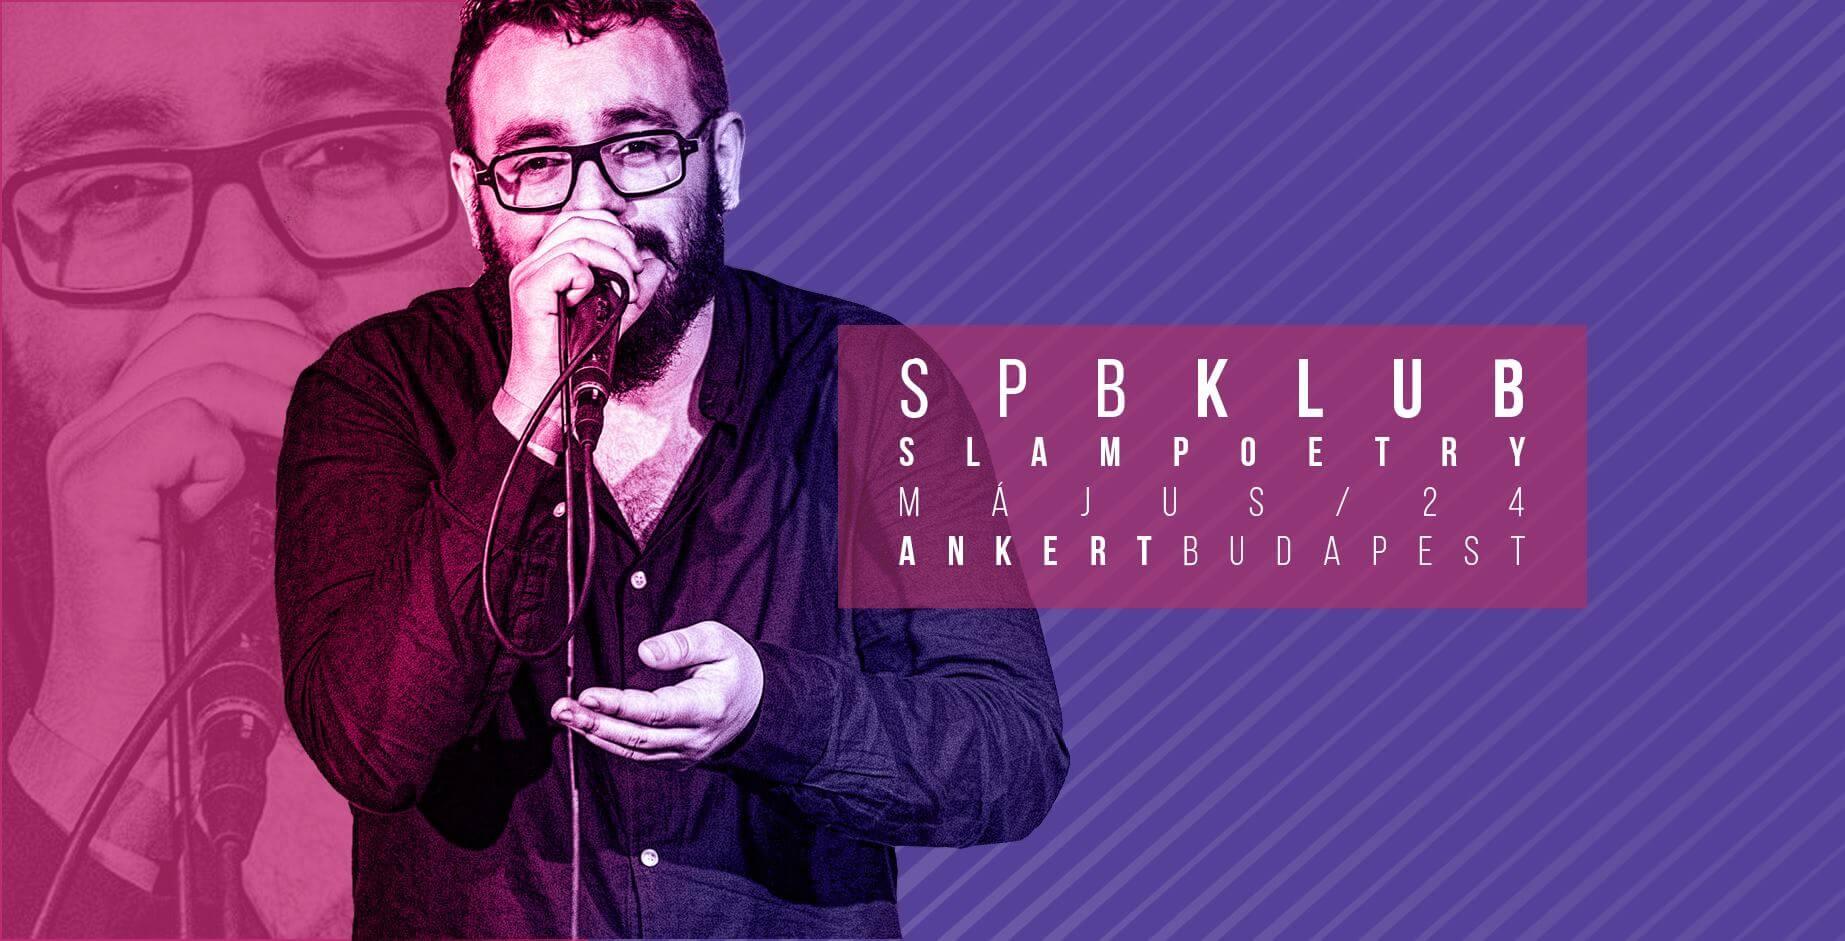 SPB Klub / Május 24. / Anker't